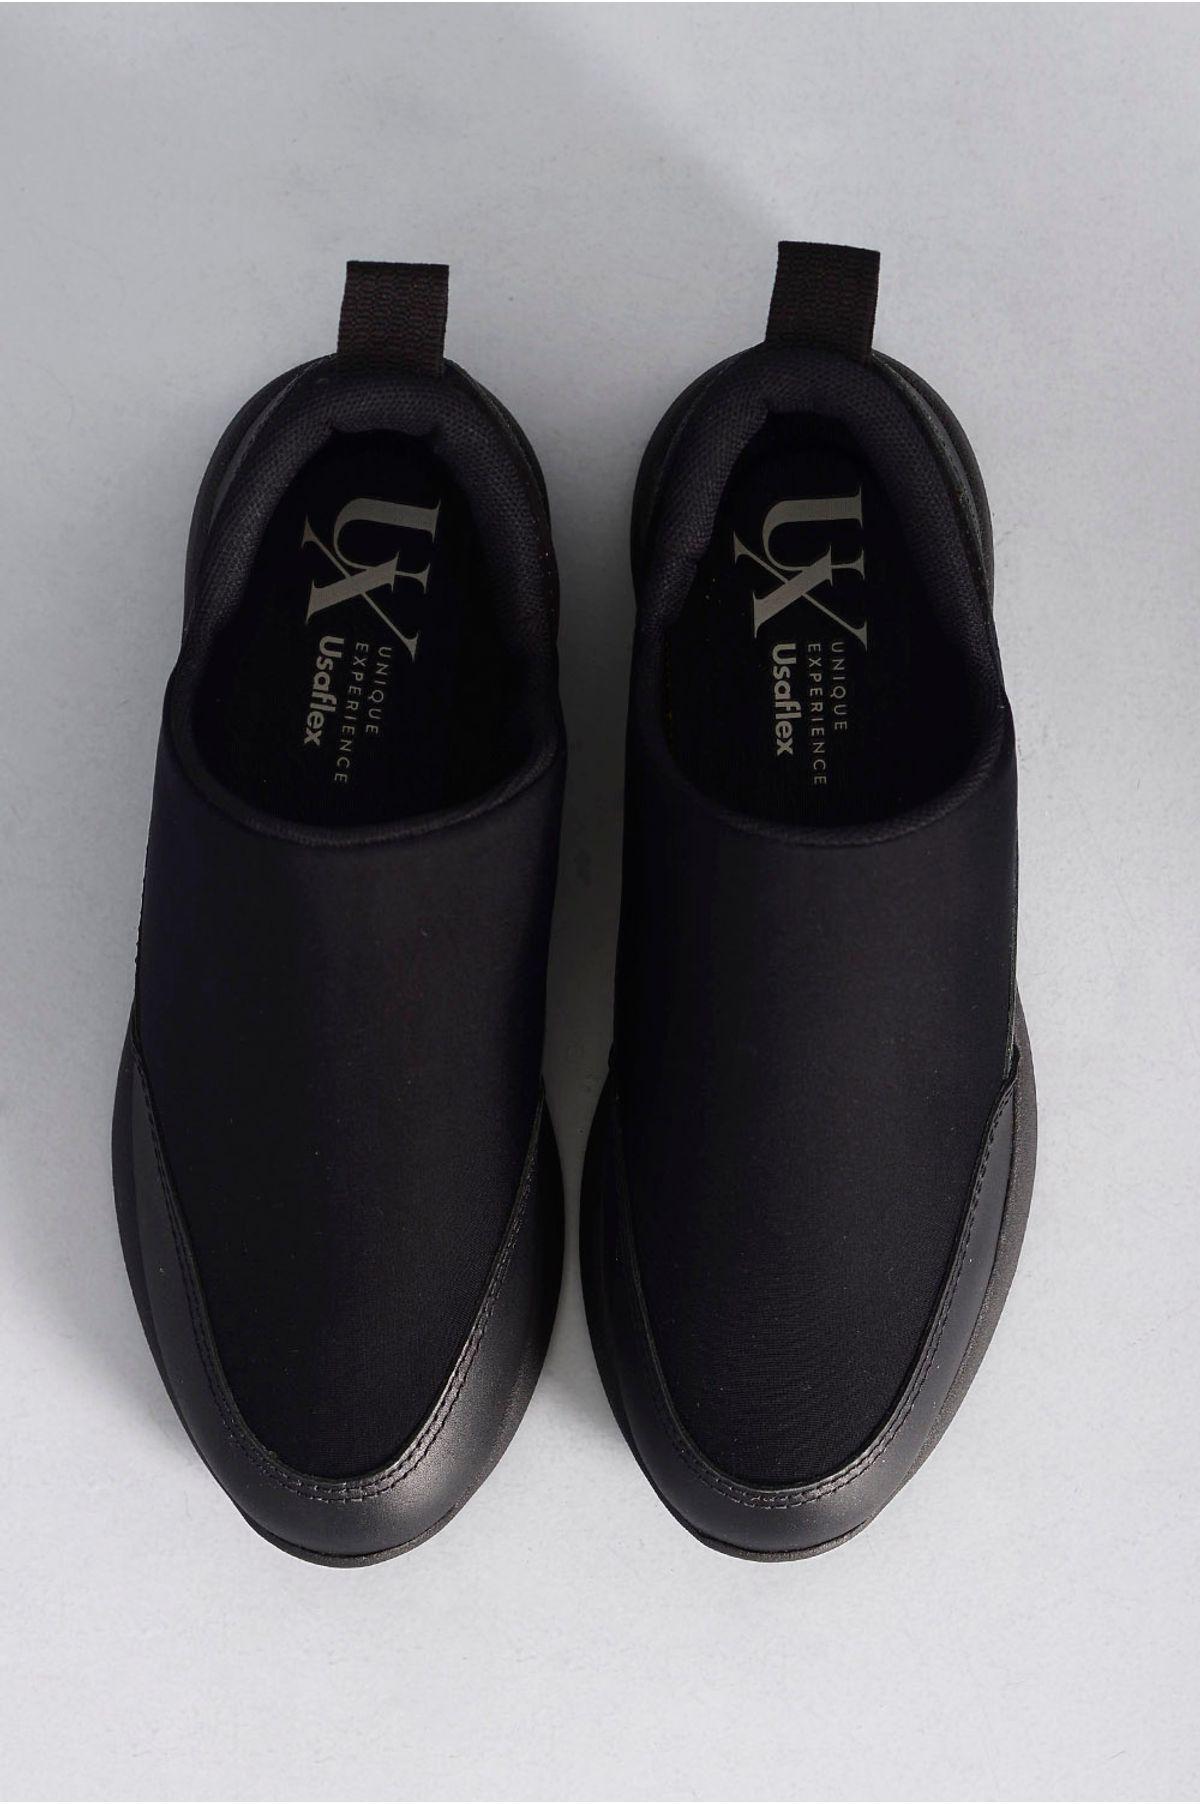 b400b484c Sapatênis Masculino Usaflex Foulard PRETO - Mundial Calçados